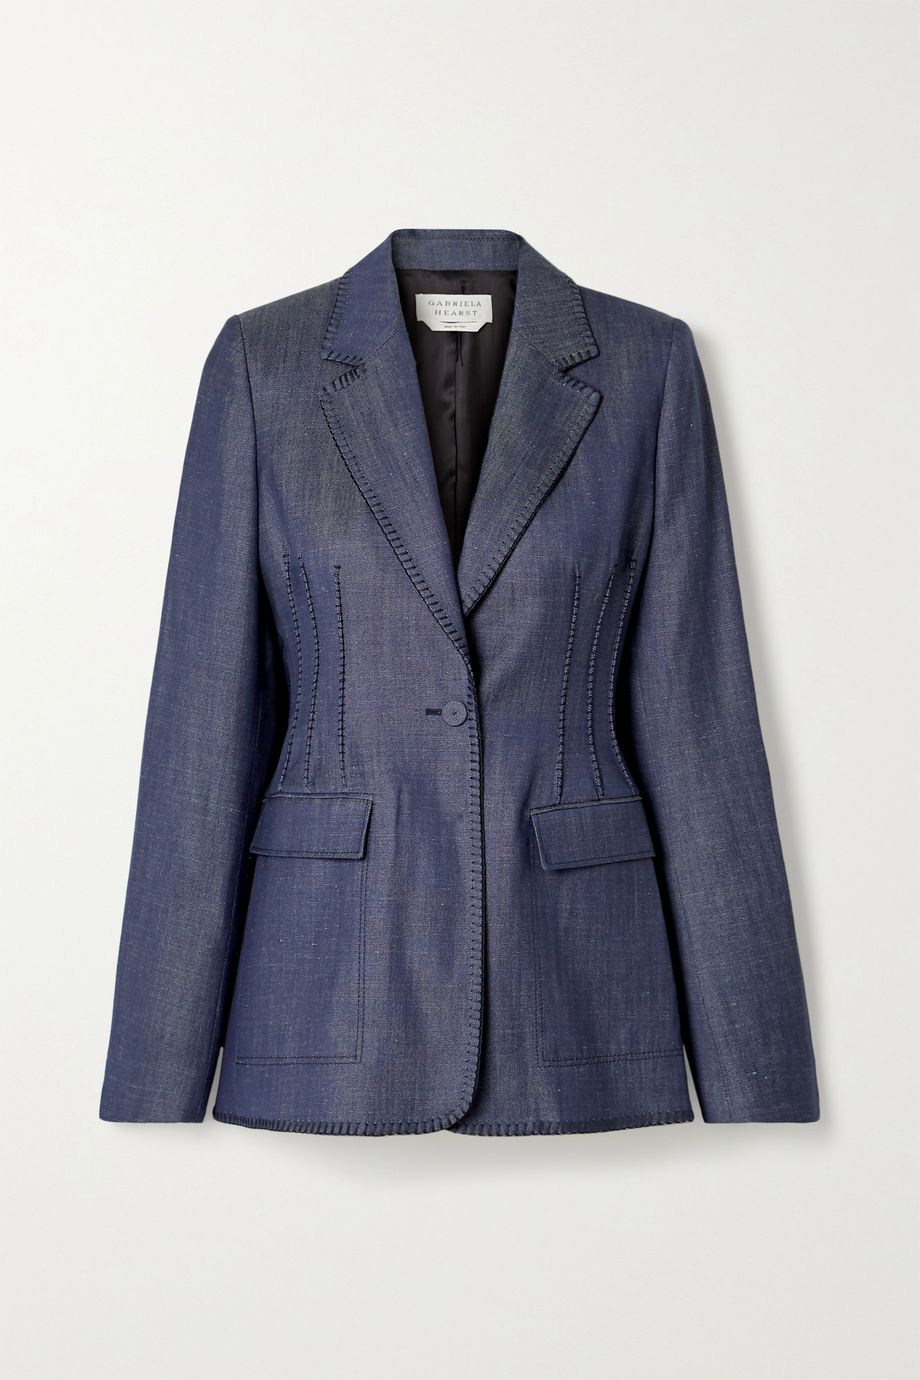 Gabriela Hearst Minos whipstitched linen blazer